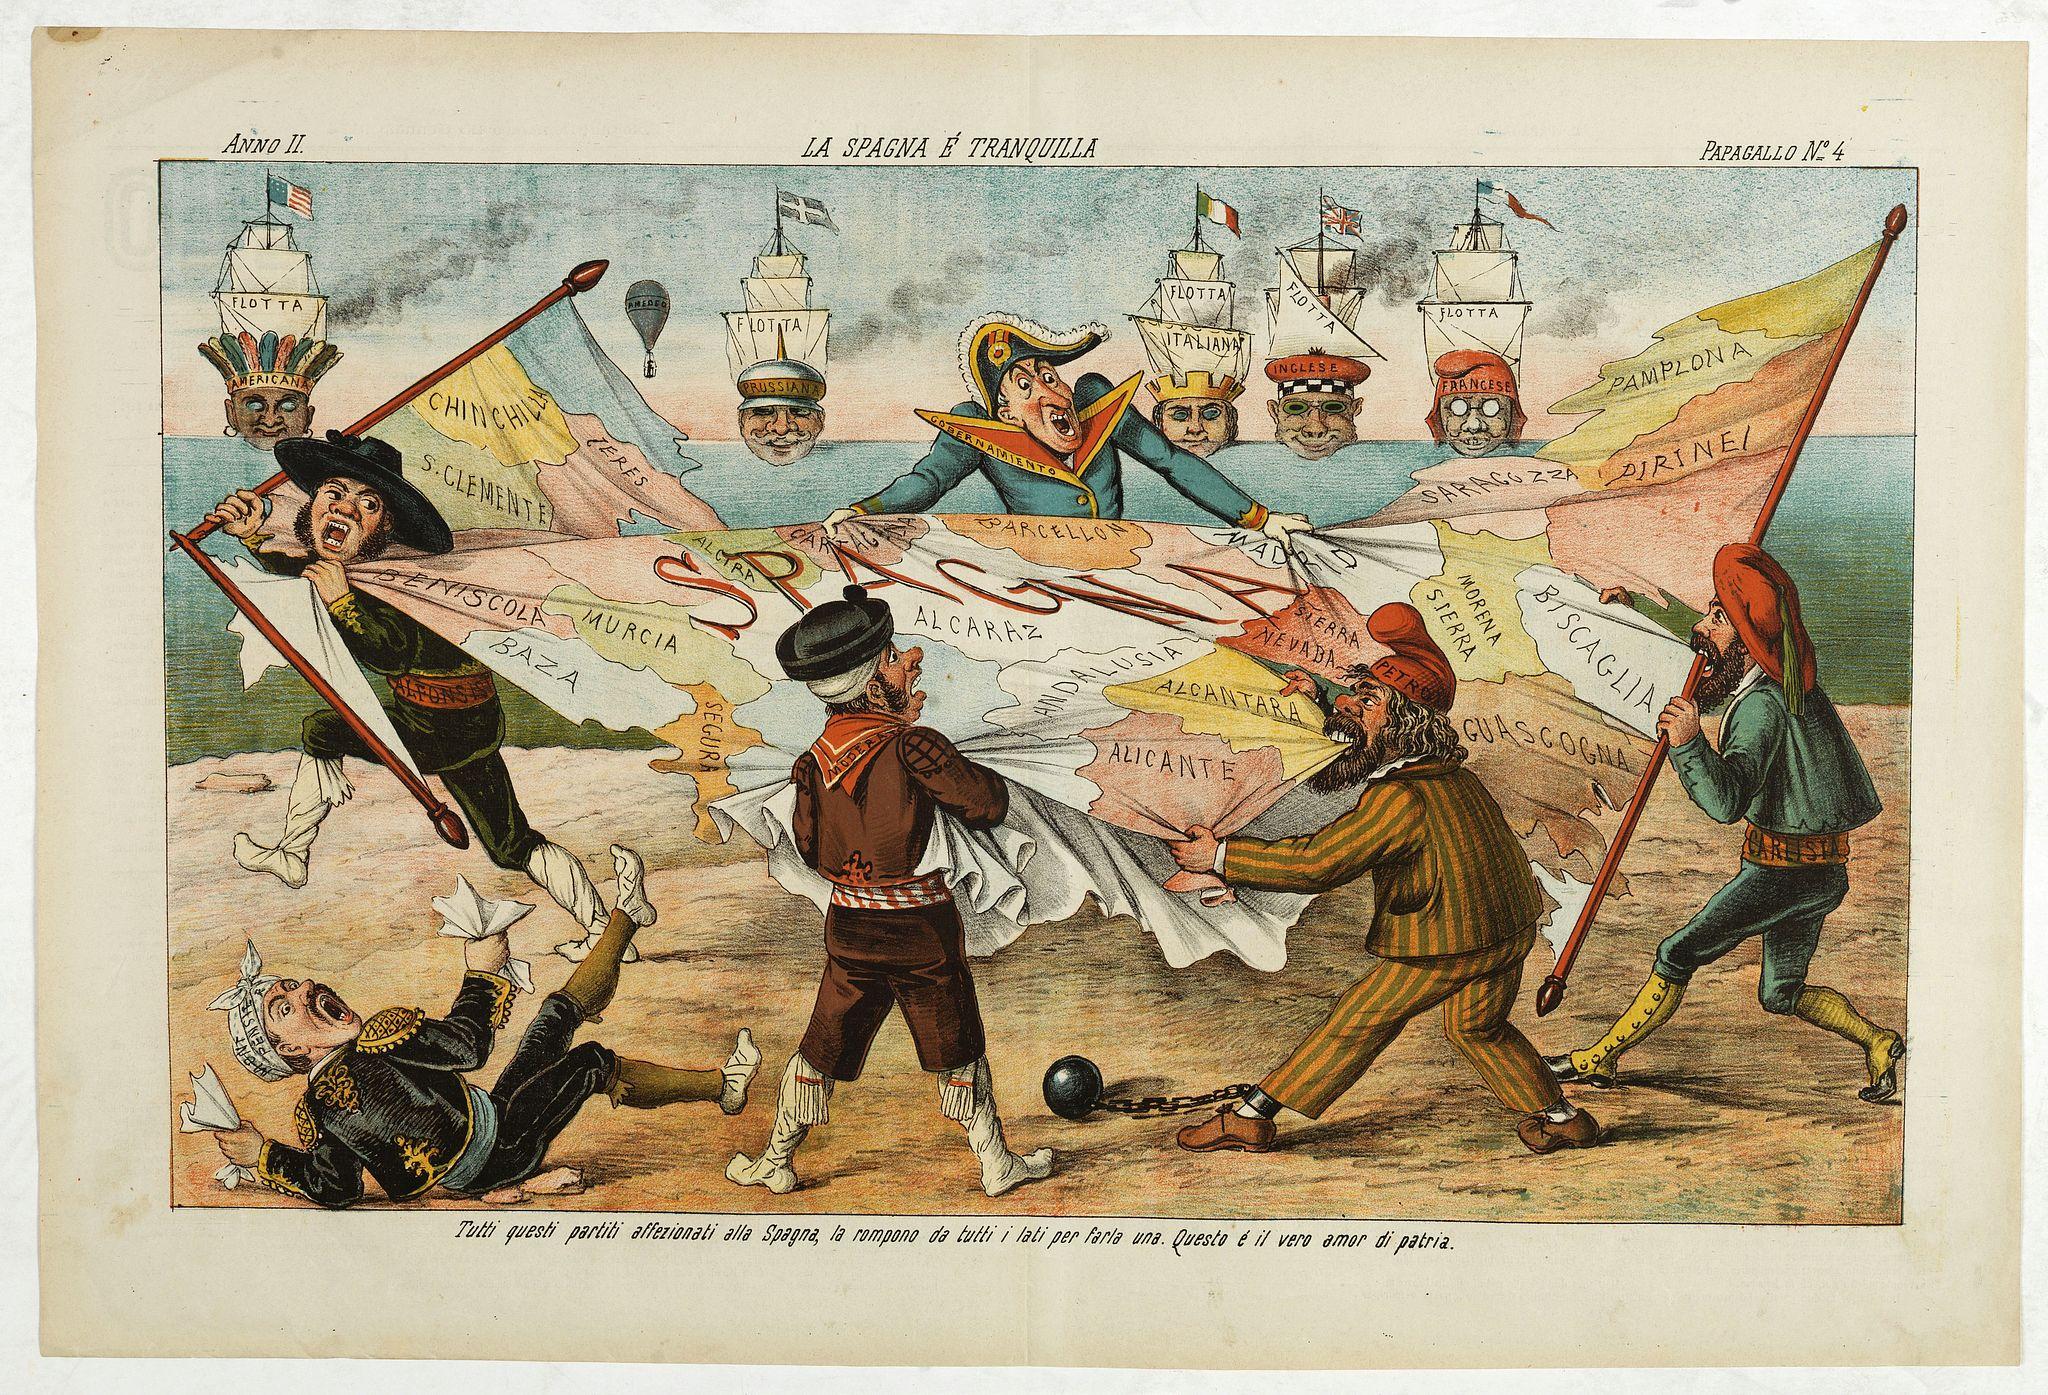 GROSSI, A. - La Spagna e Tranquilla. Papagallo No. 4. Anno II.